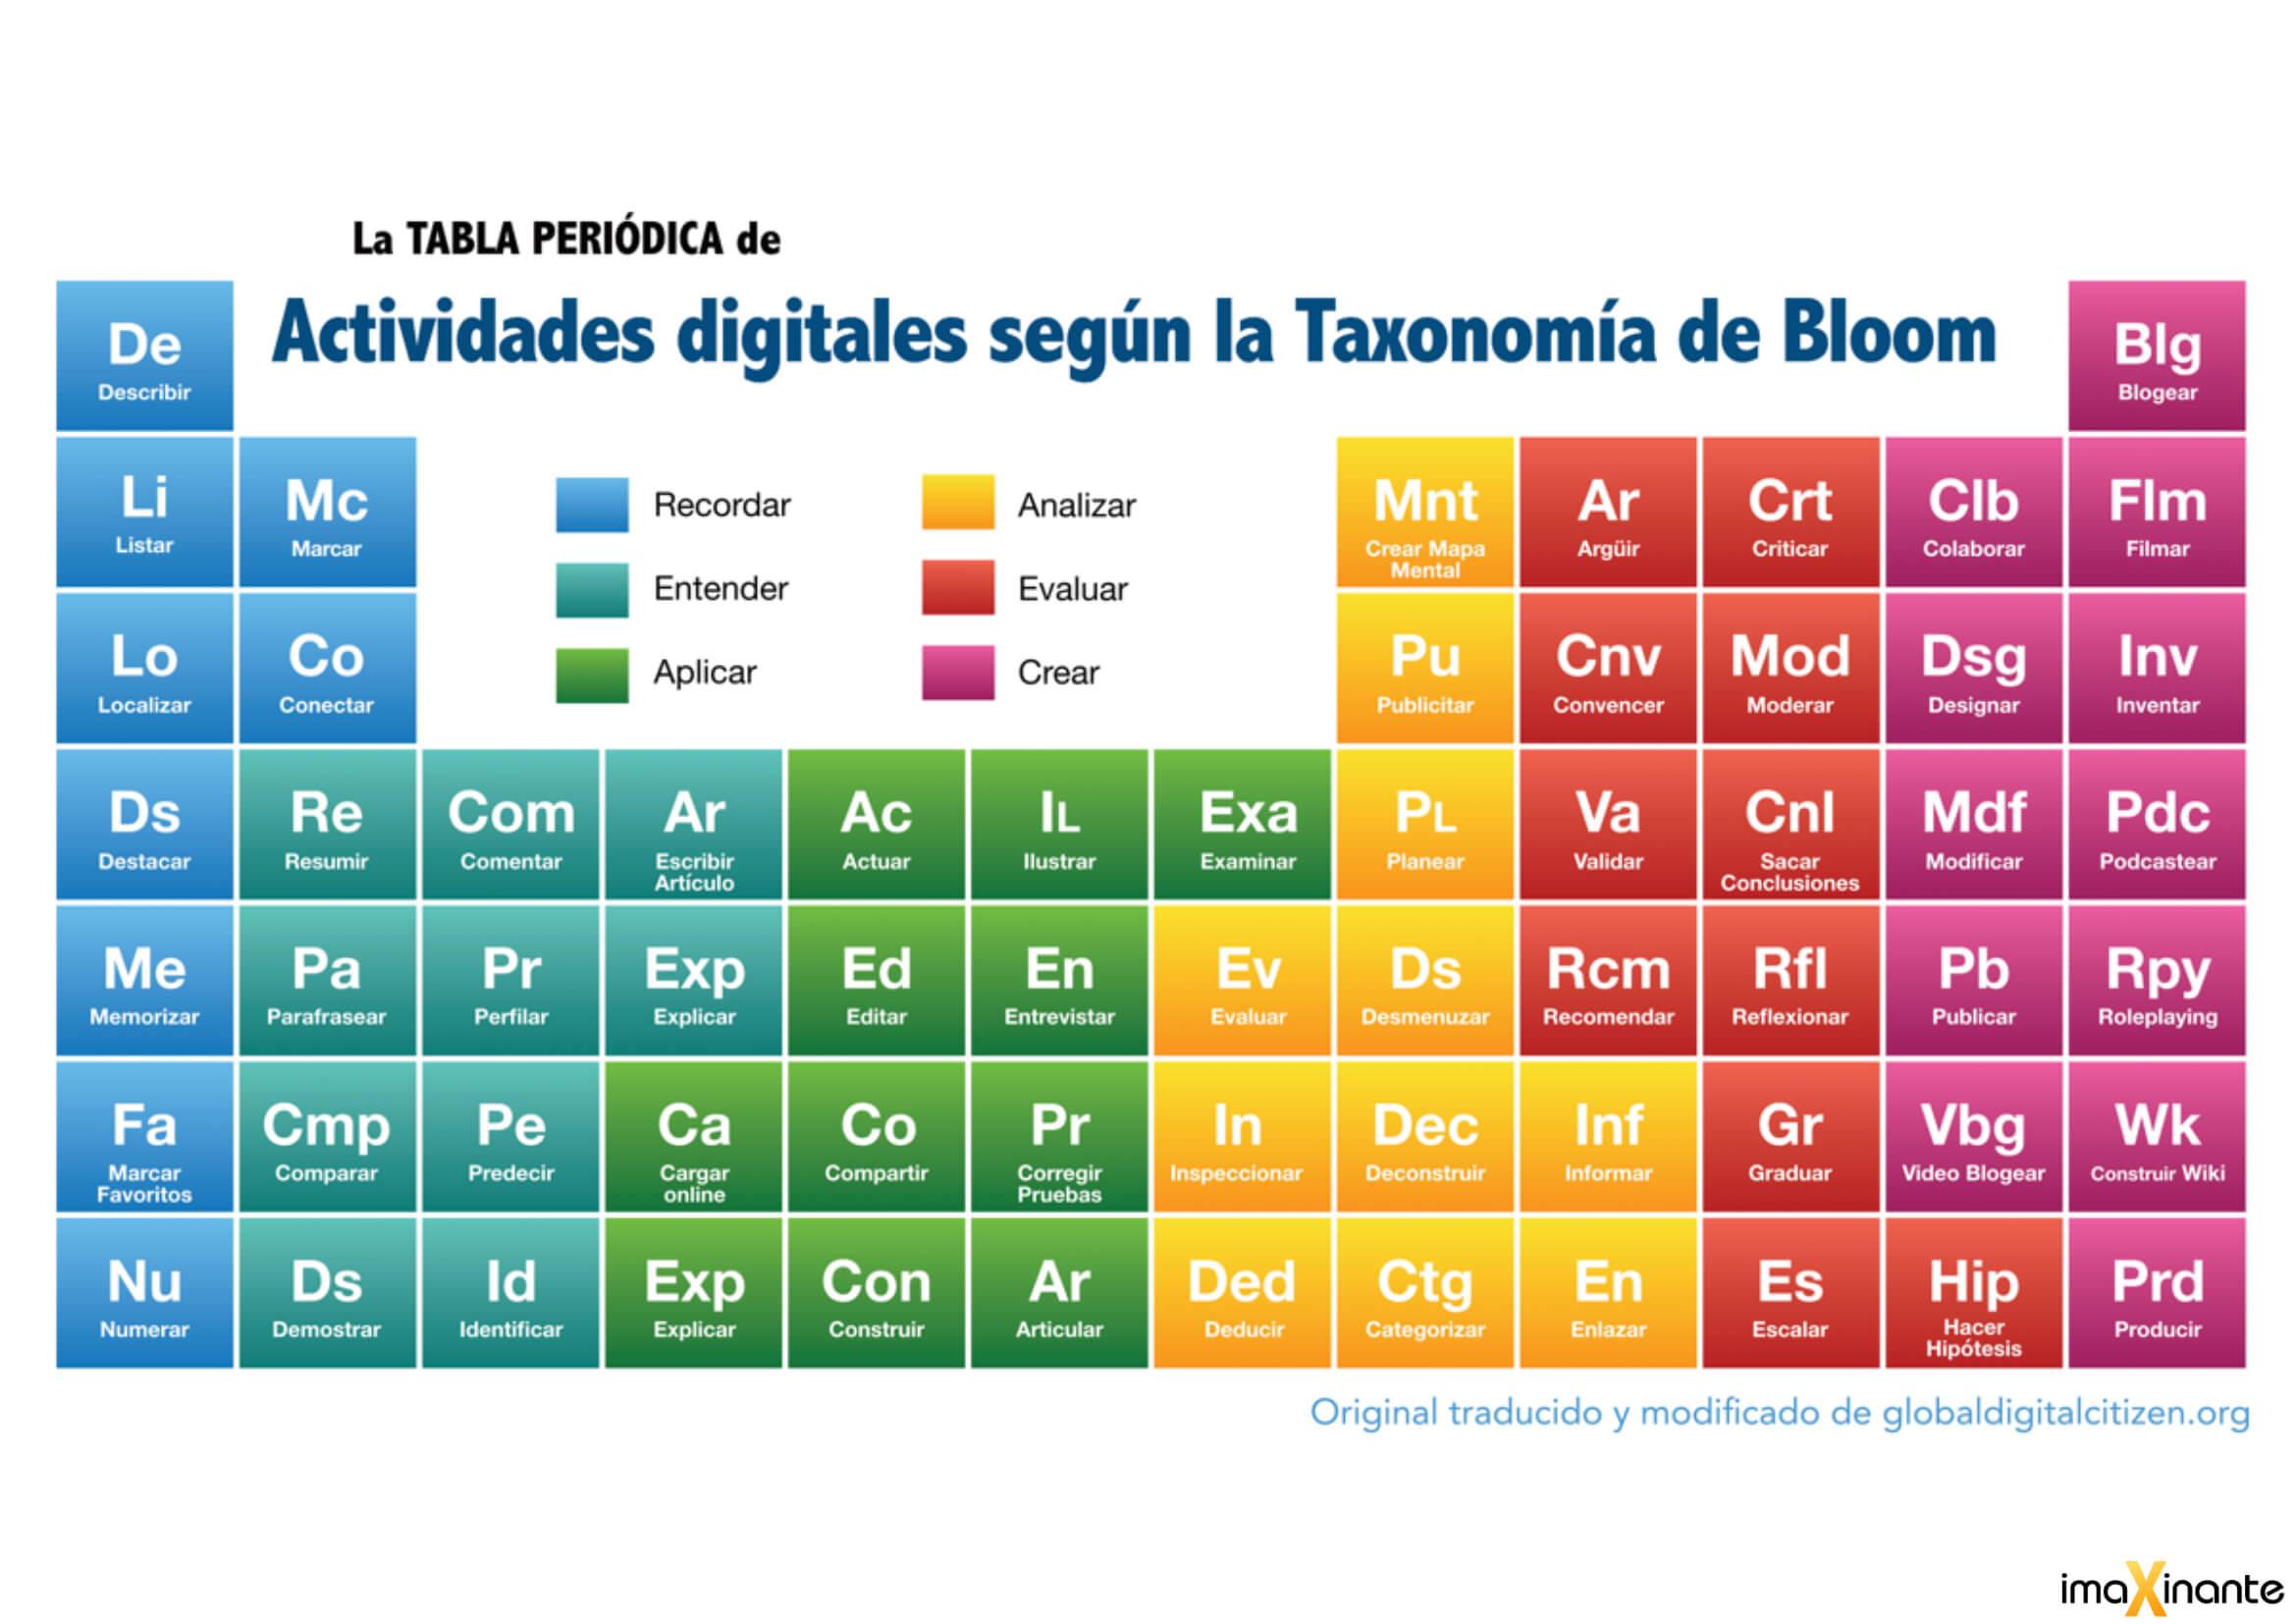 Actividades_digitales_según_taxonomía_